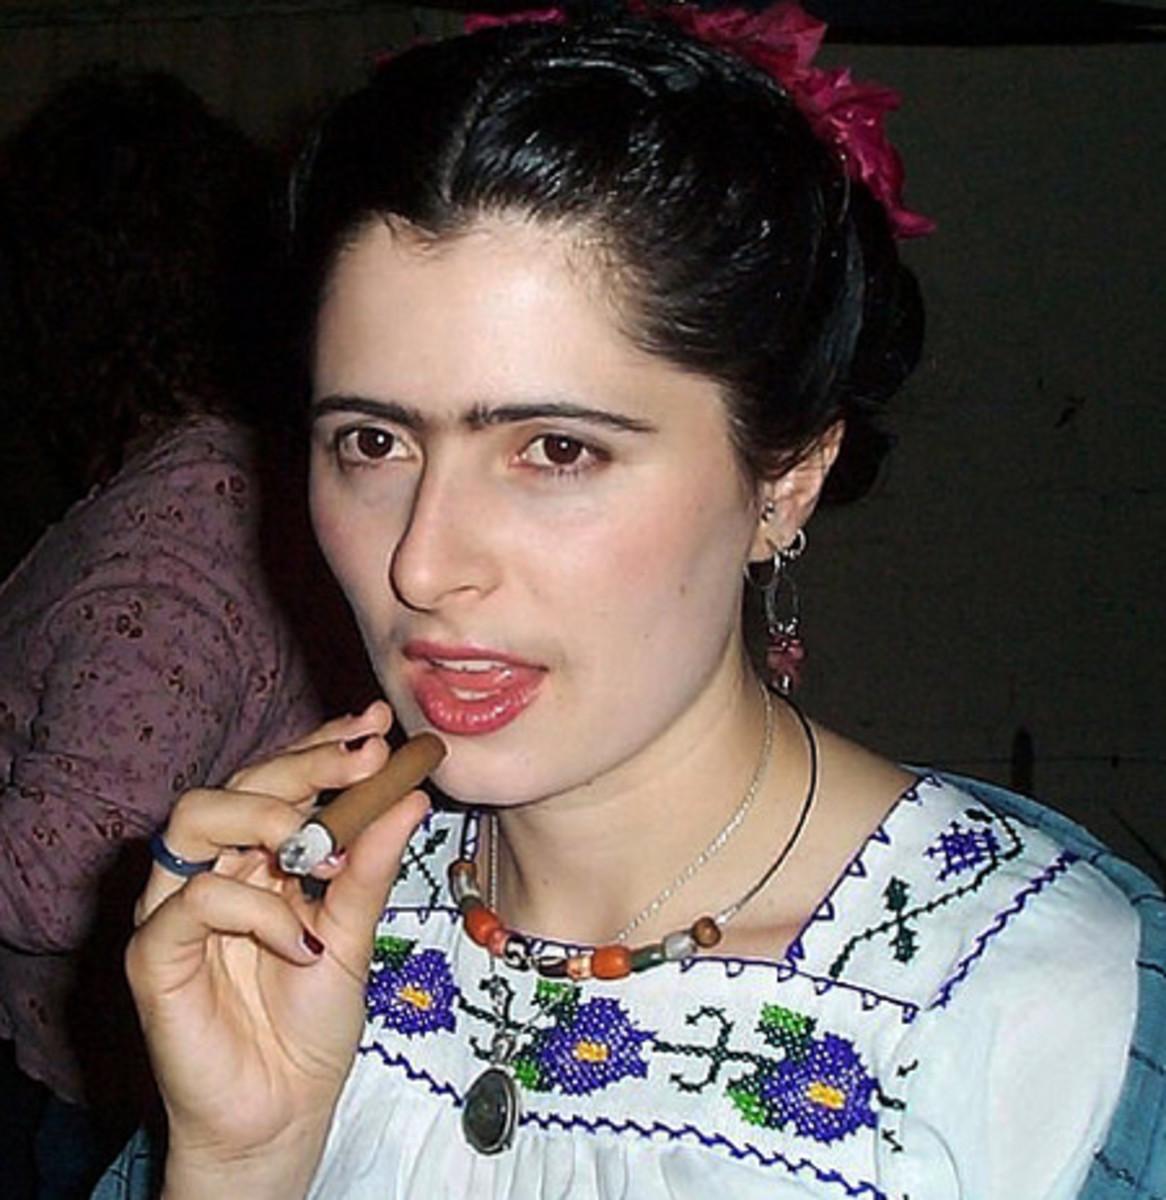 Last Minute Frida Kahlo Costume